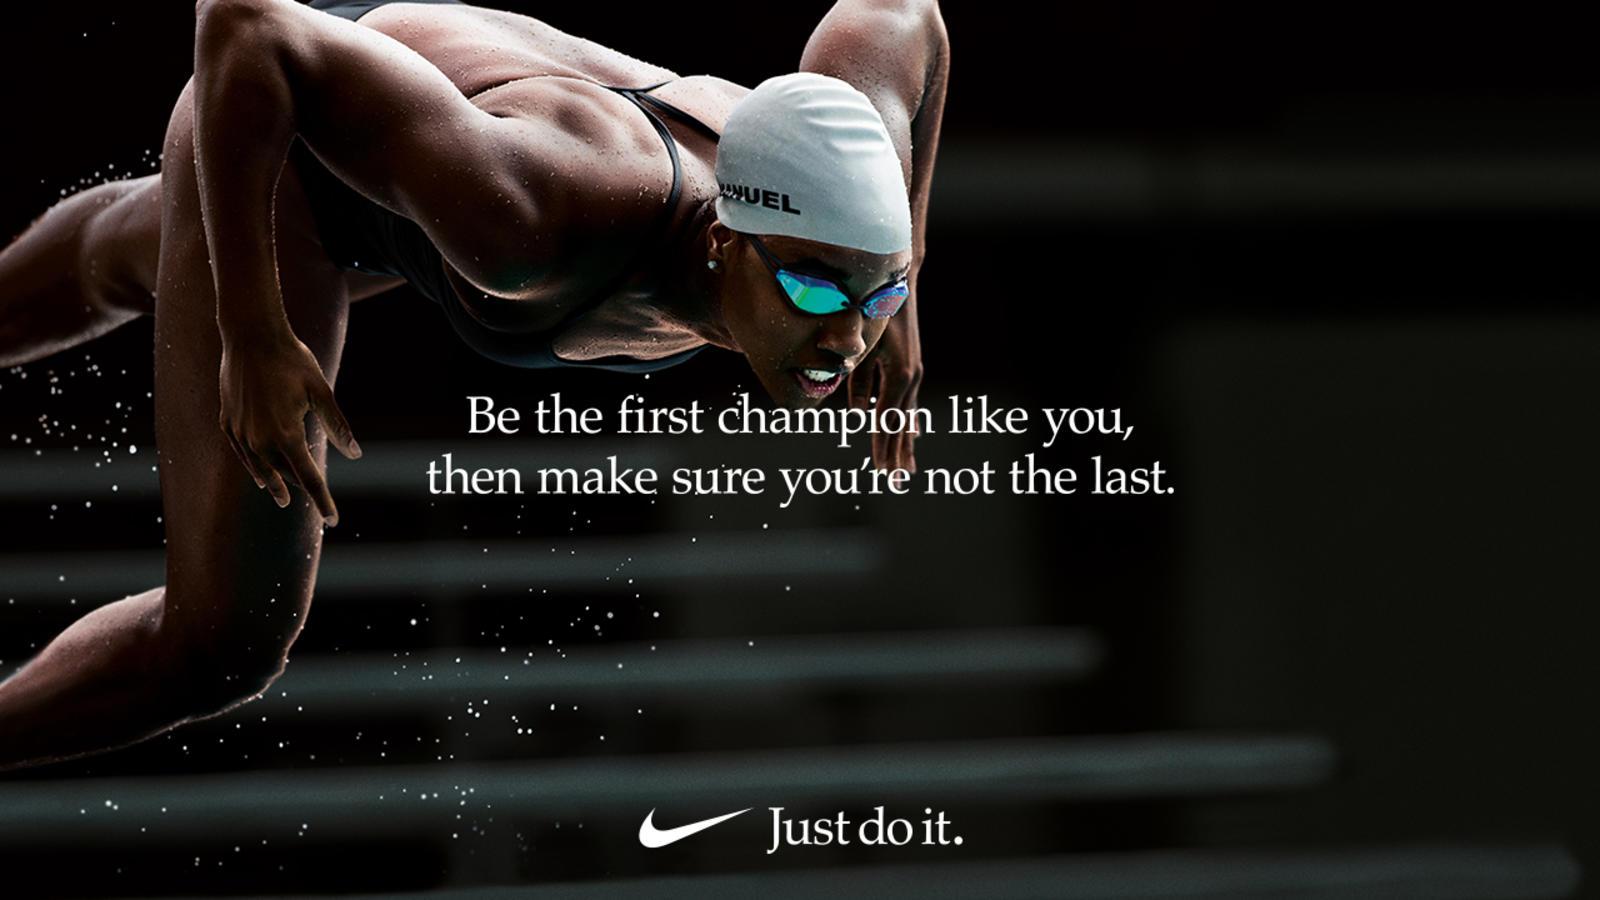 Simone_Manuel_Nike_85651.jpg